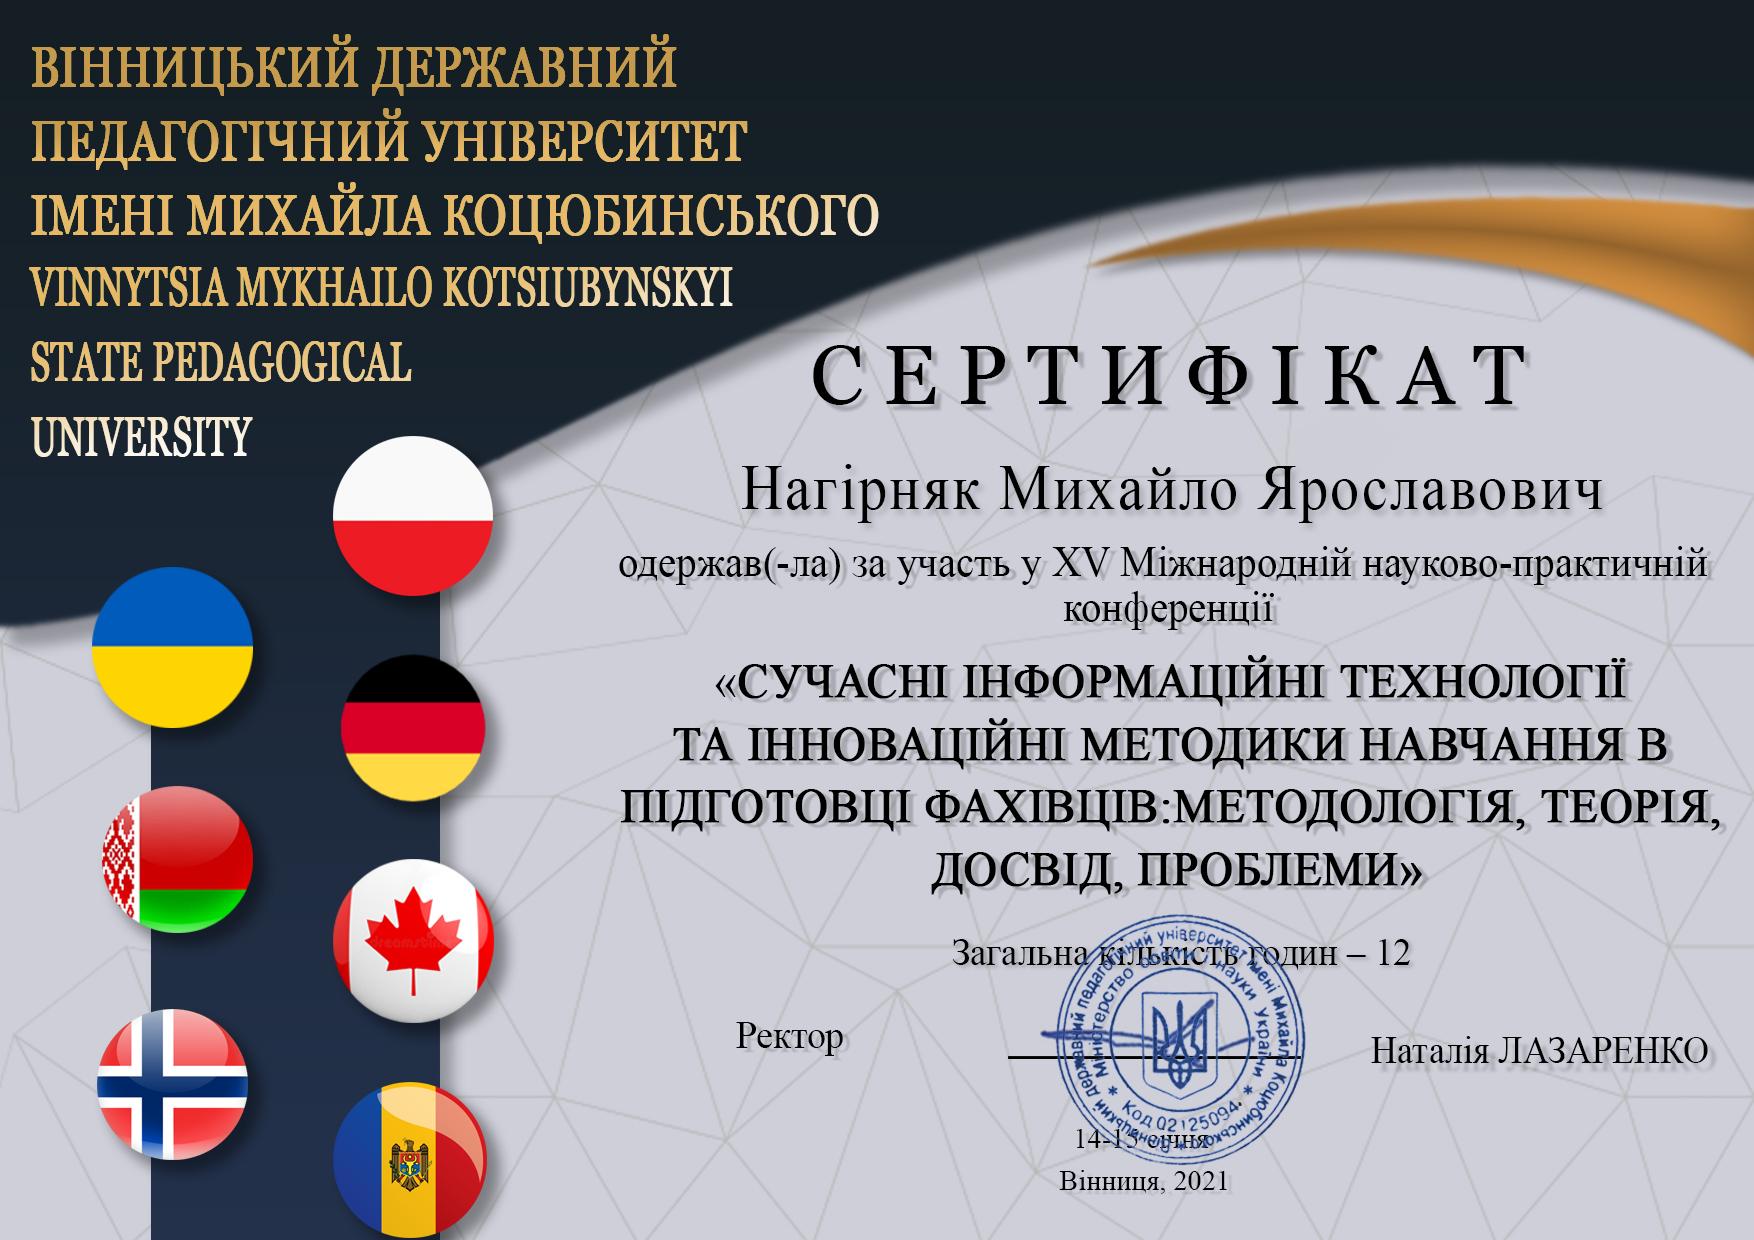 Нагірняк Михайло Ярославович